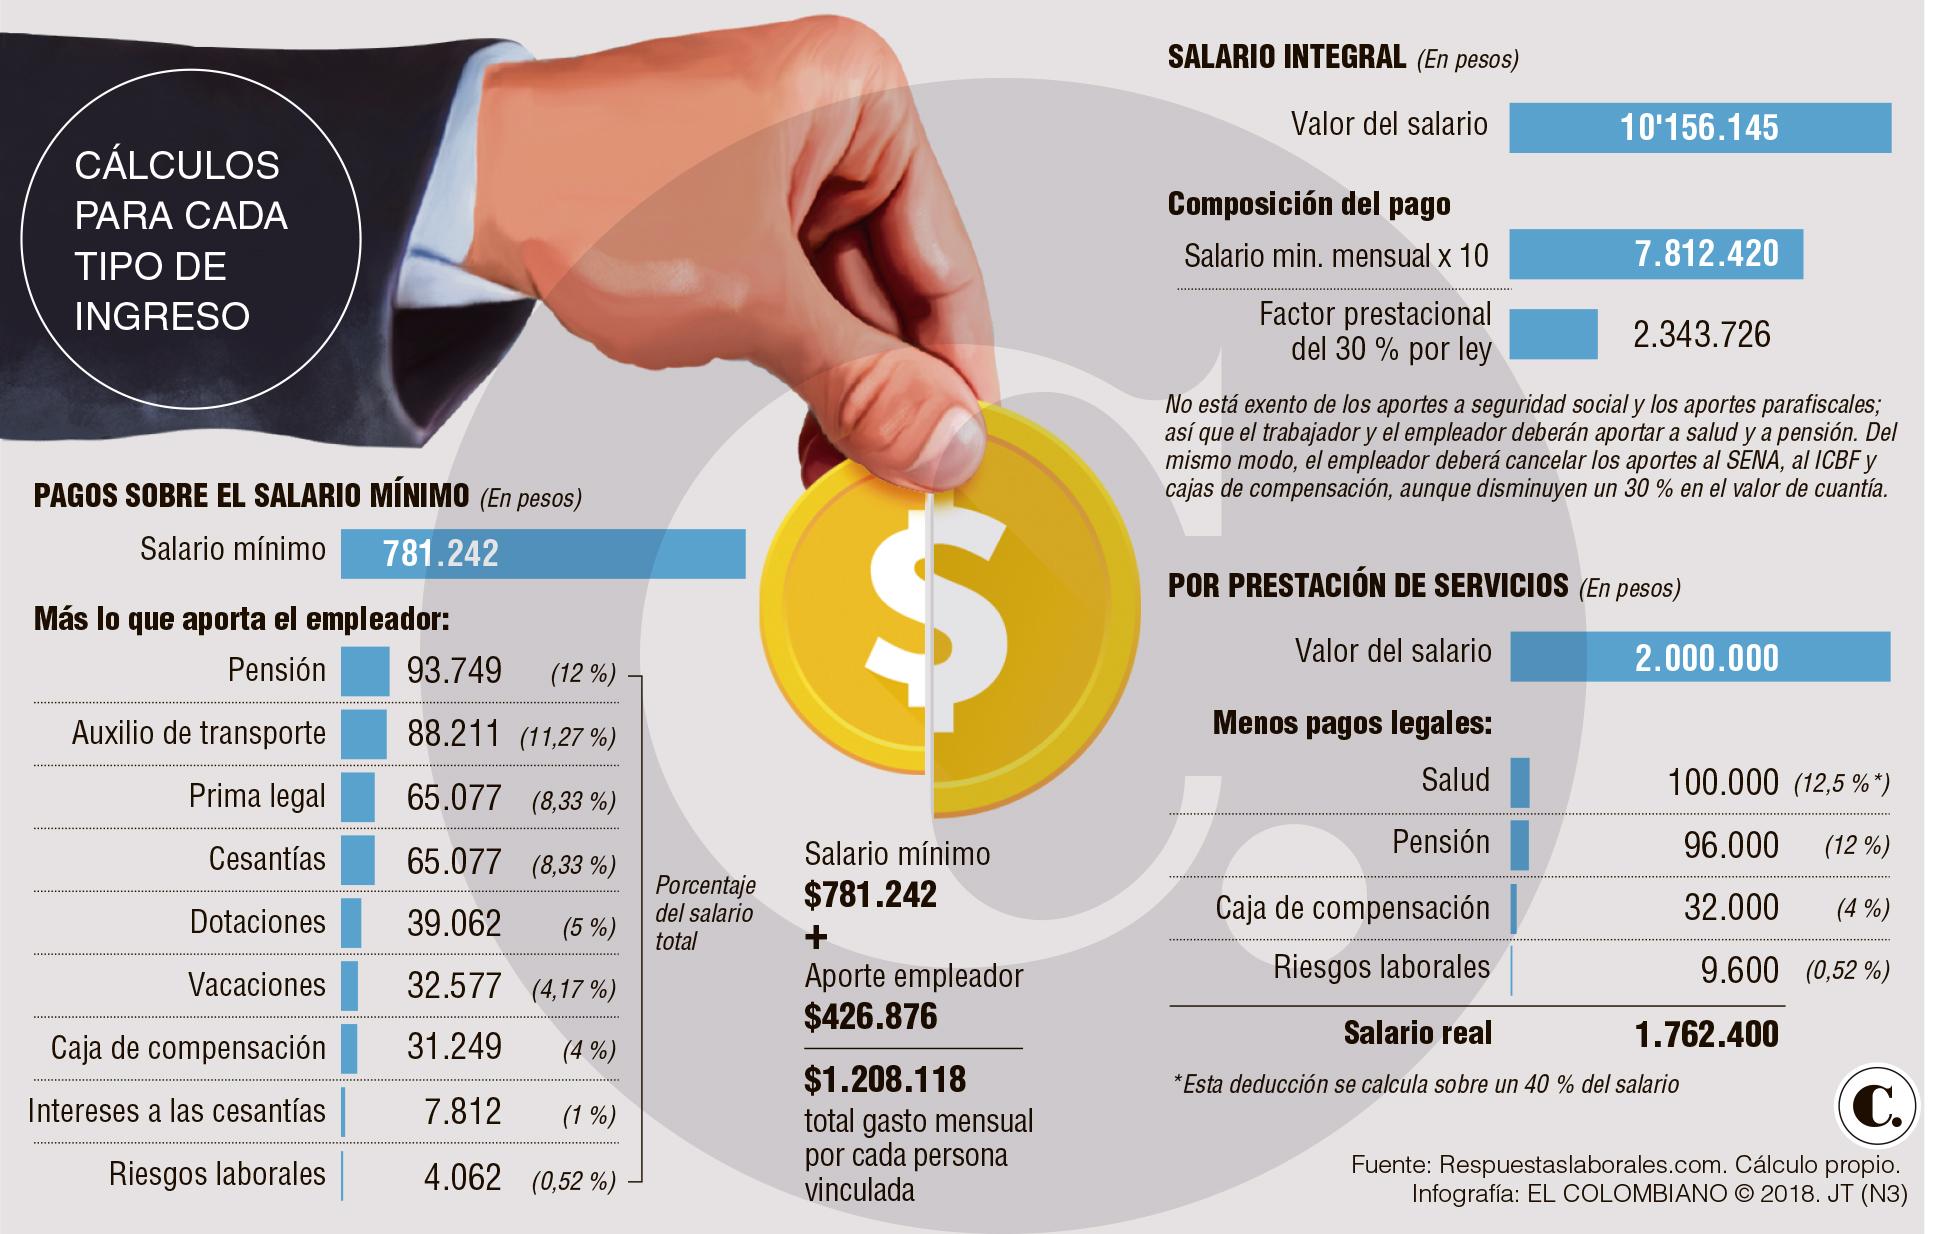 Diferencia entre un salario integral y uno por prestación de servicios